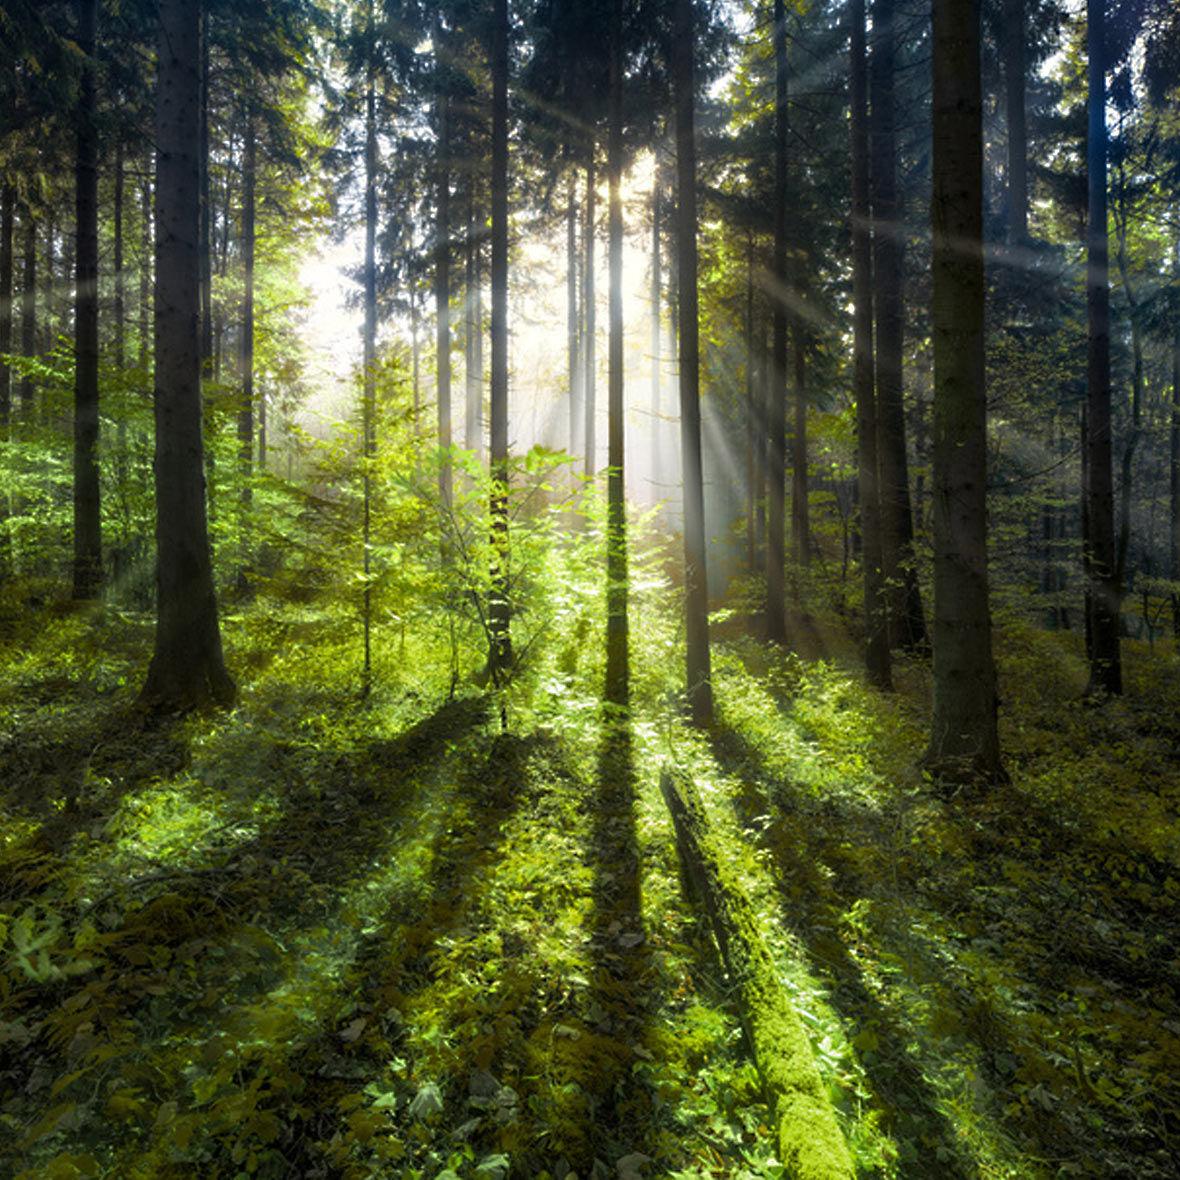 Nachhaltigkeit Ein Modewort I Stories Bei Bestswiss Nachhaltige Entwicklung Jetzigen Bedurfnisse Befriedigt